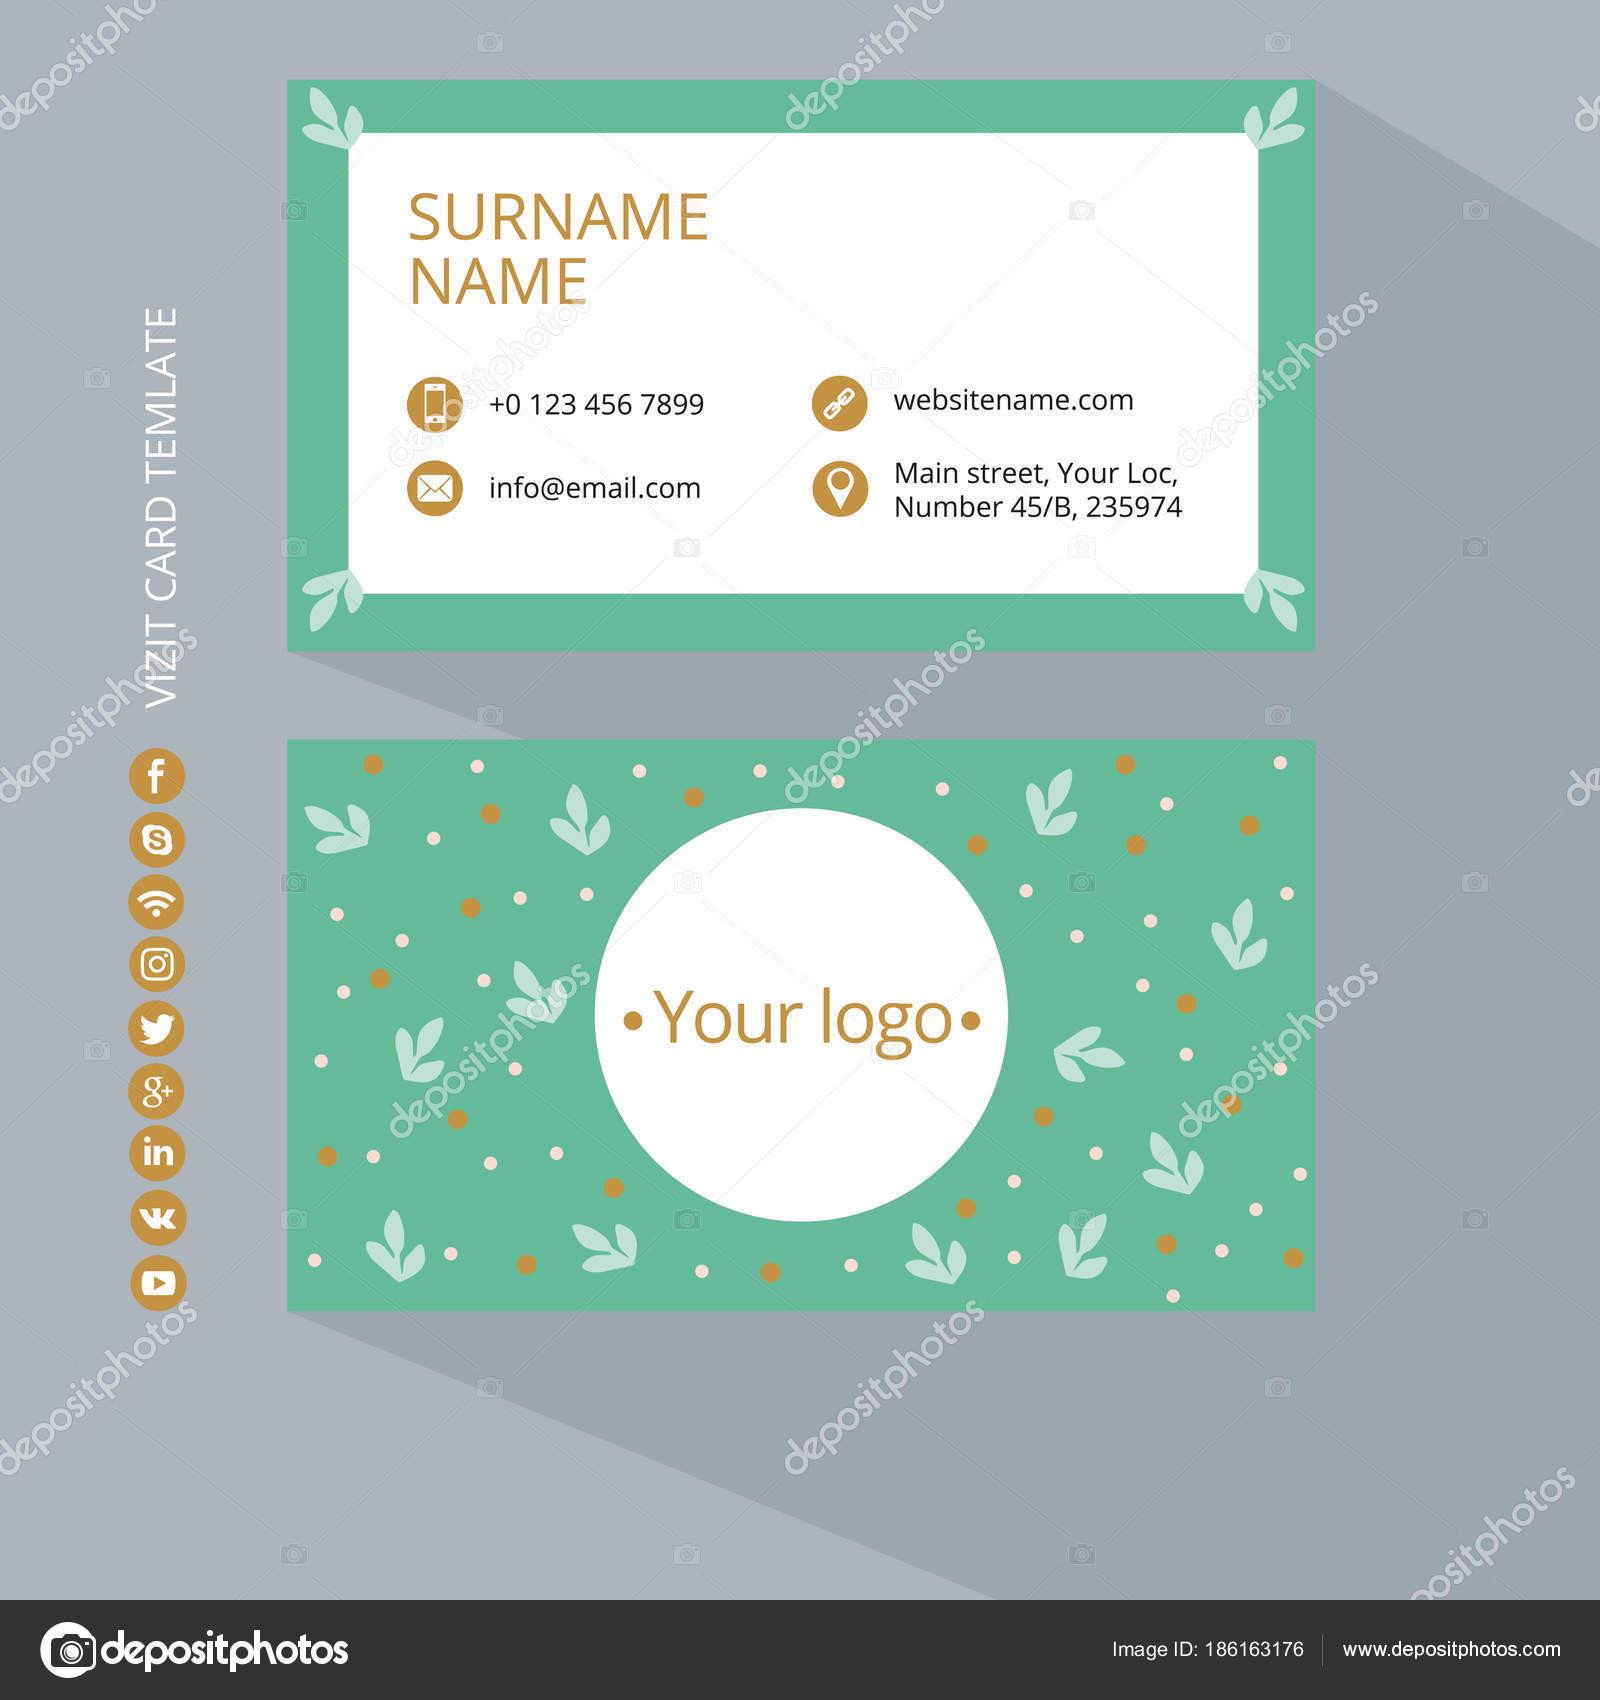 Visitenkarten Druckvorlage Mit Icons Von Sozialen Netzwerken